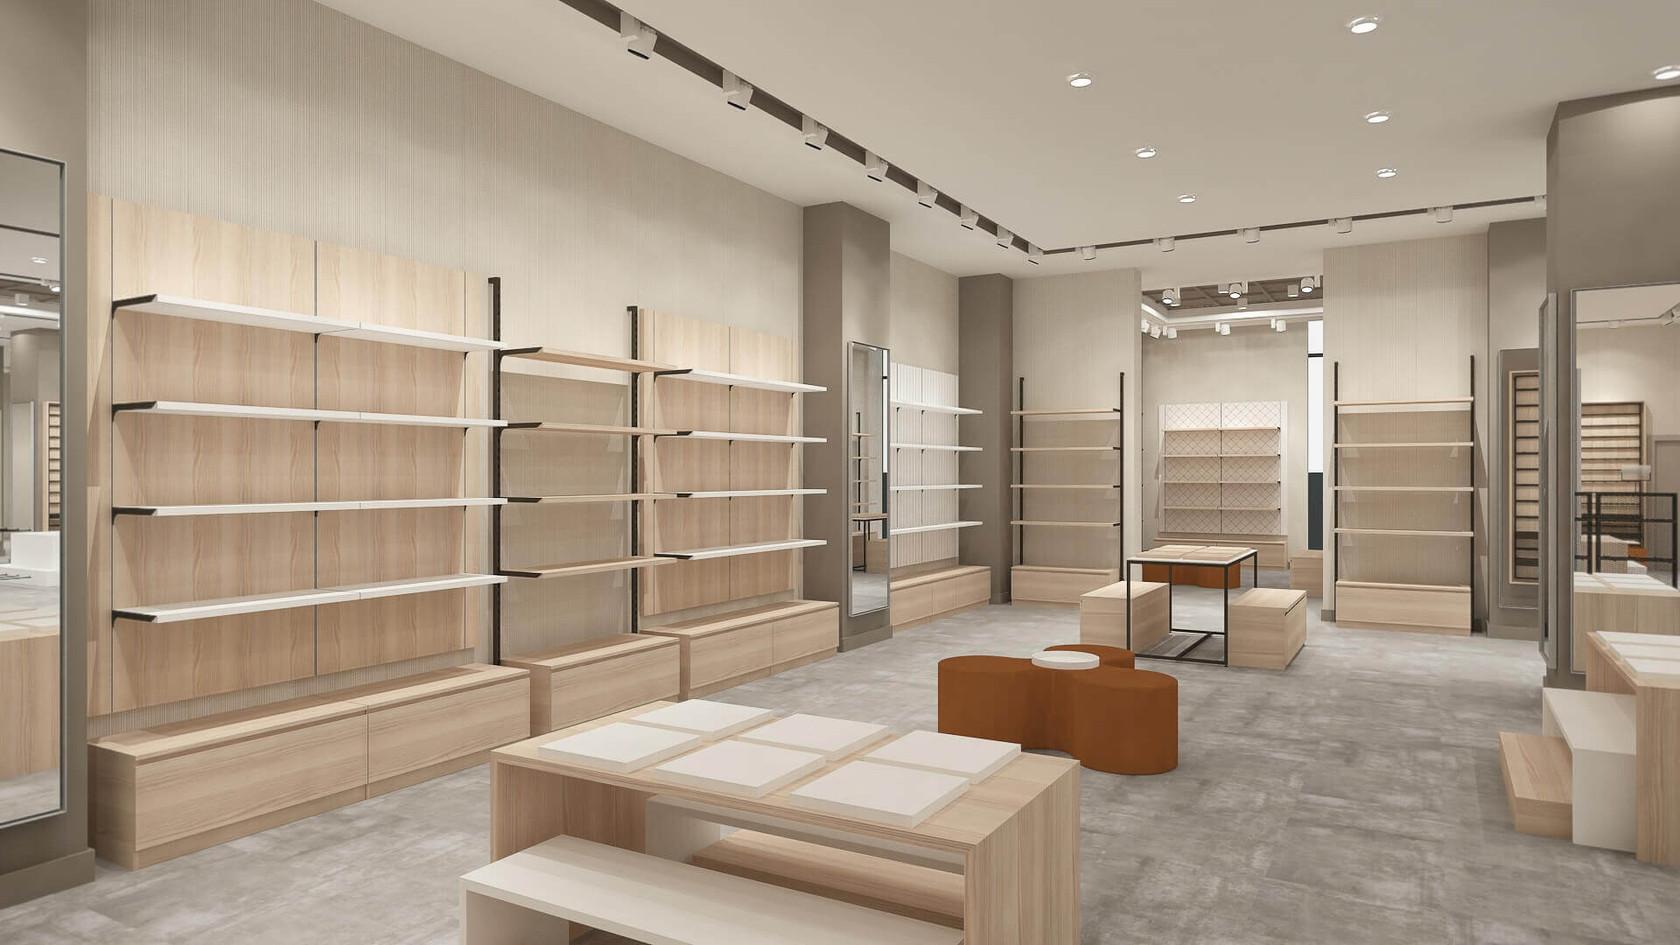 Ayakkabı ve Çanta Mağazası Tasarımları | Shopline Mağaza Dekorasyonu | Çinici